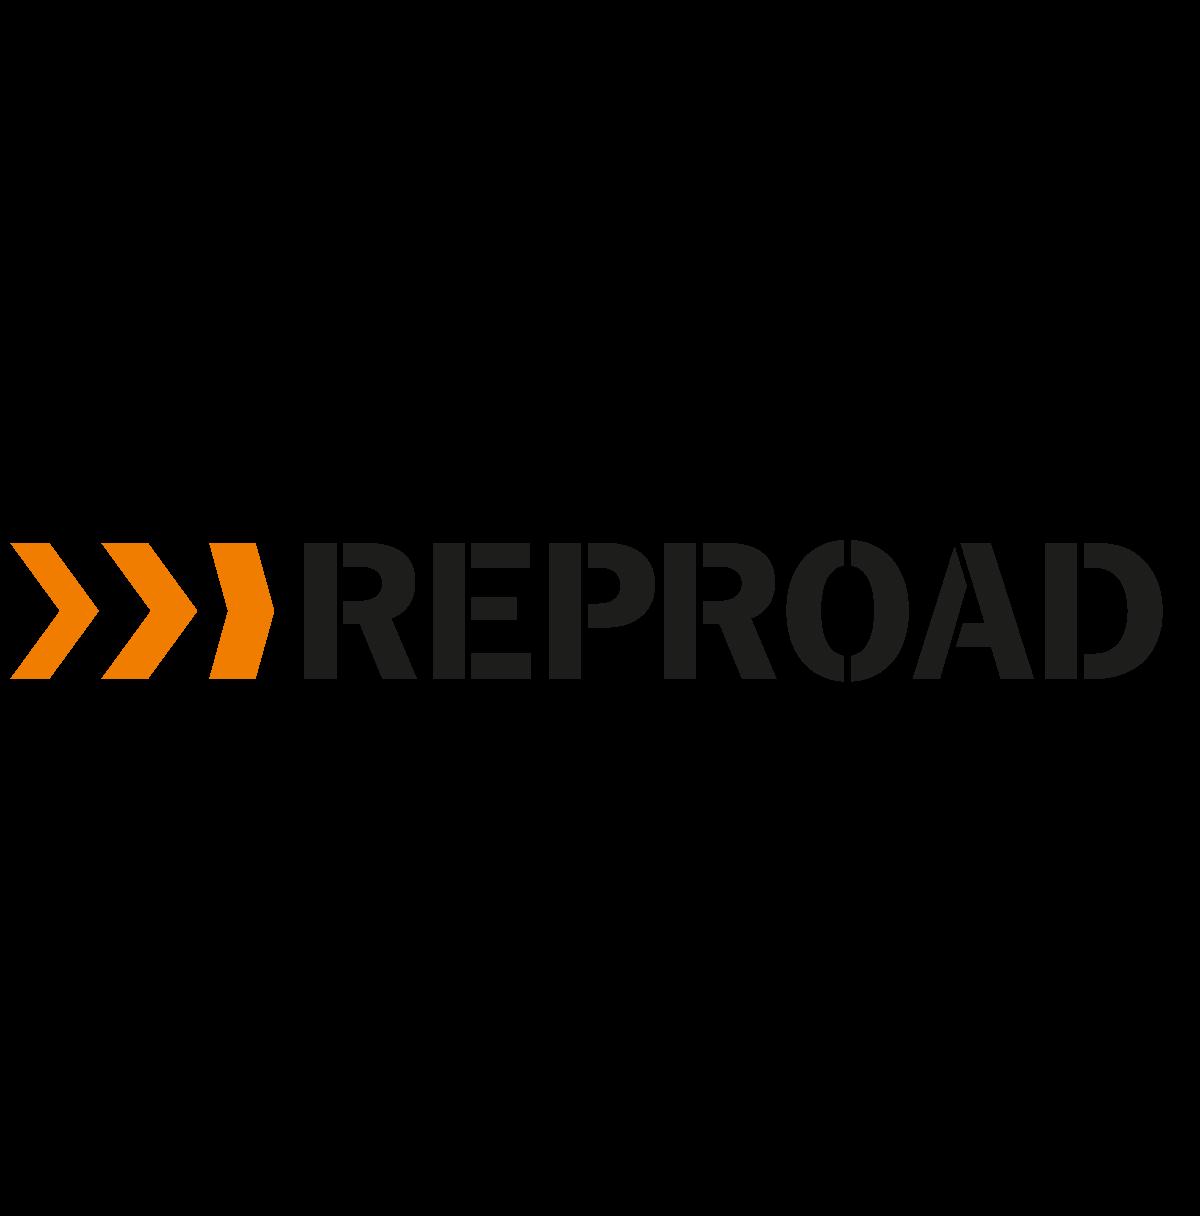 Reproad